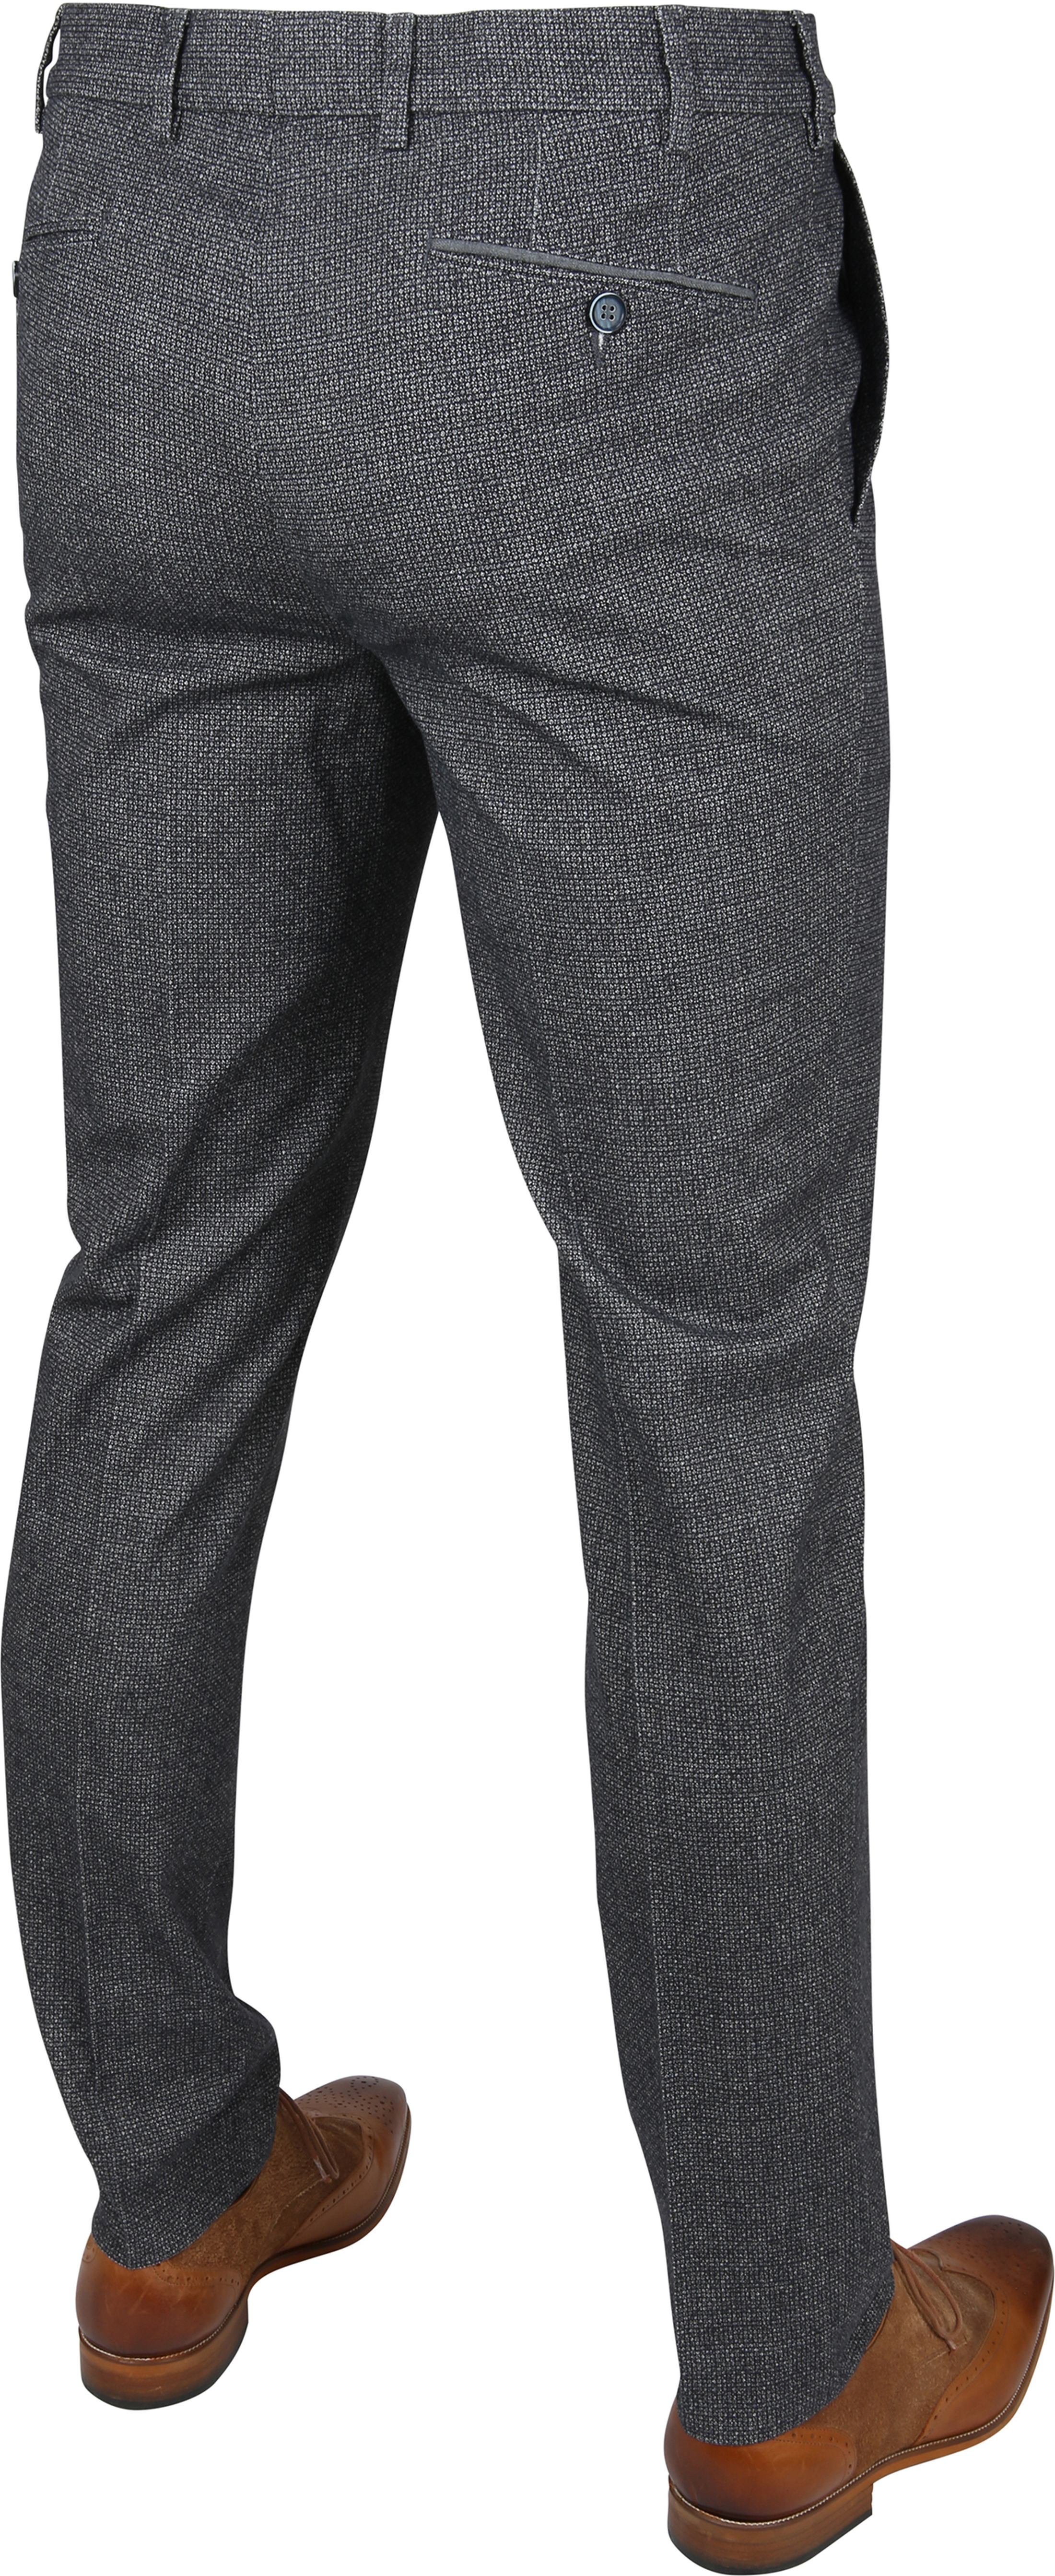 Suitable Premium Pantalon Antraciet foto 7